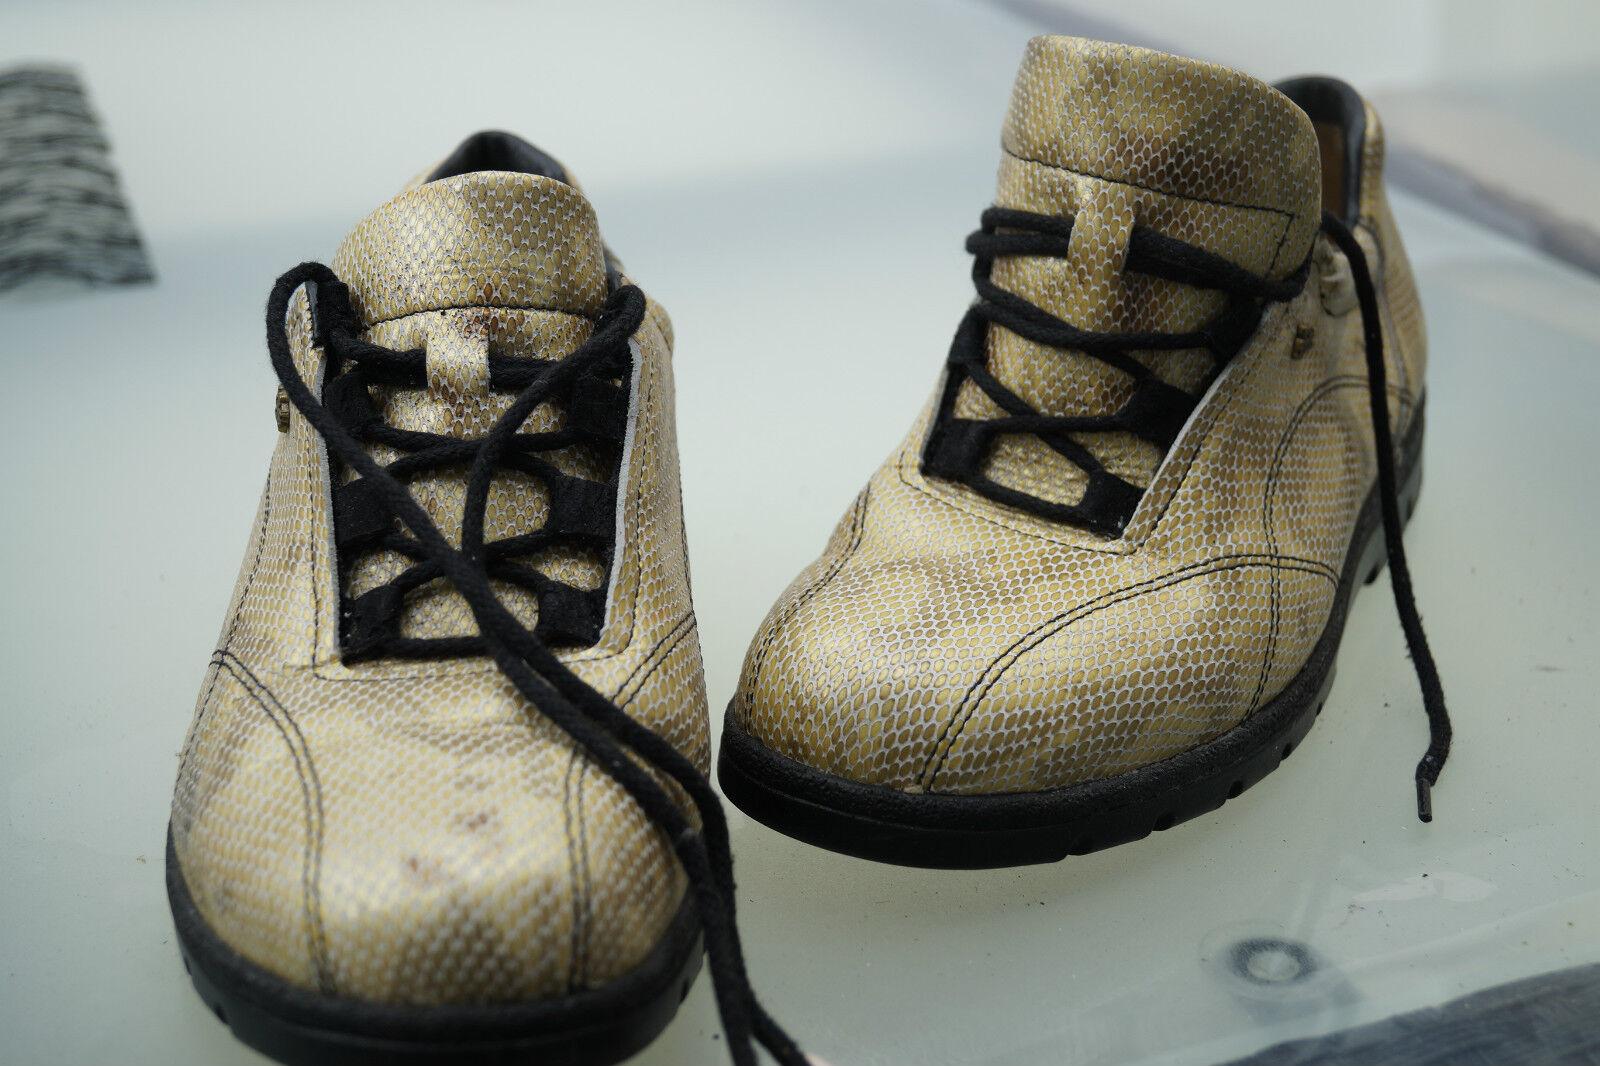 FINN Comfort Damen Schuhe Schnürschuhe Einlagen Schlange Gr.4,5 37,5 Leder  17